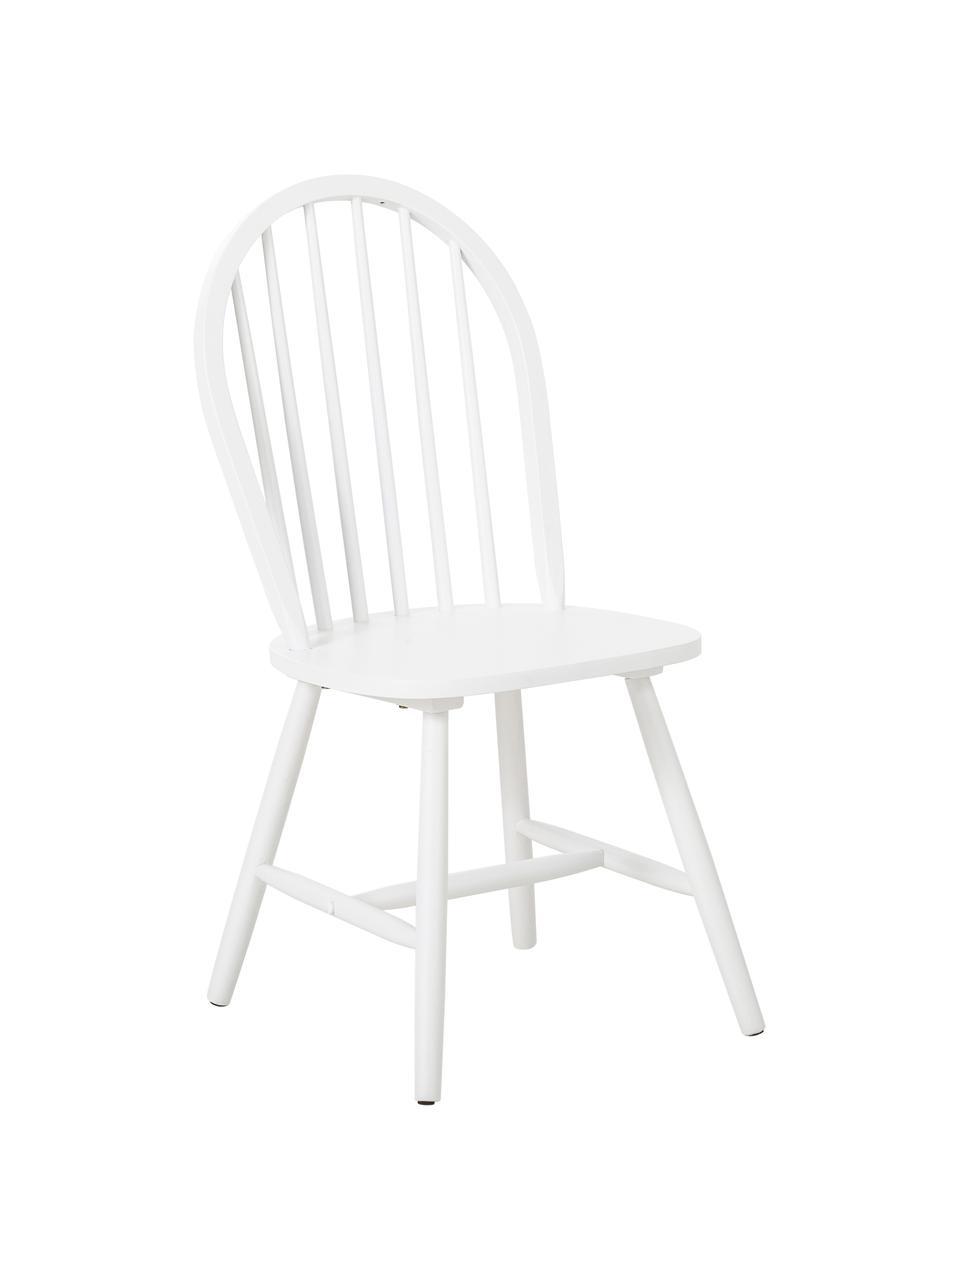 Windsor-Holzstühle Megan aus Holz, 2 Stück, Kautschukholz, lackiert, Weiß, B 46 x T 51 cm